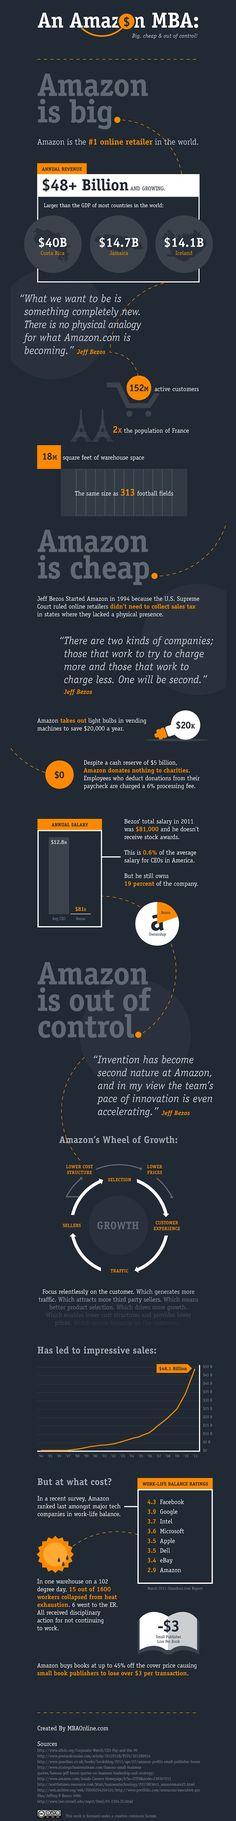 Why Amazon is so cheap ?/Les dessous des petites economies d Amazon #ecommerce #amazon #infographie #infographic